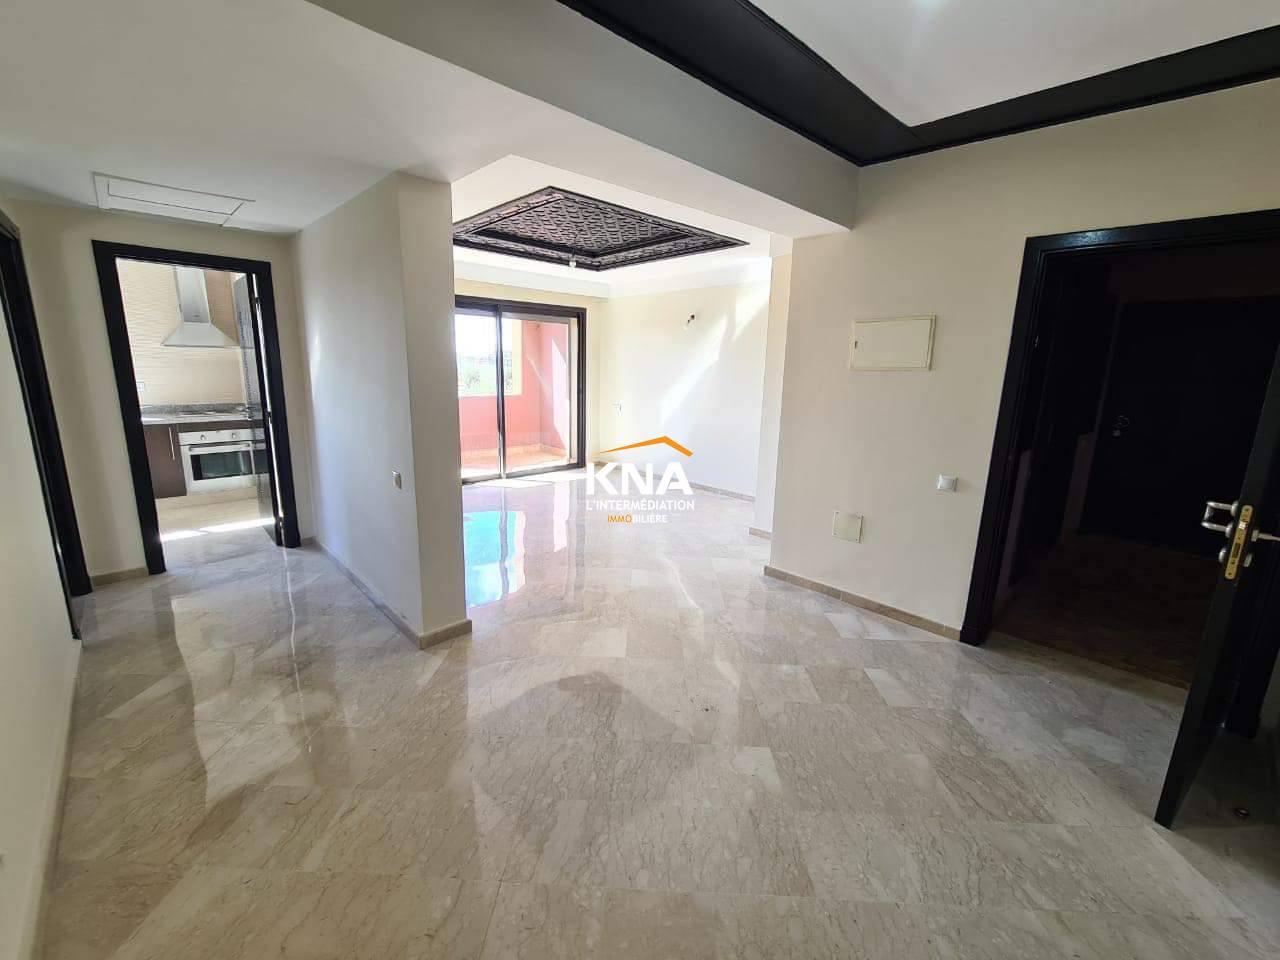 Appartement à Location longue durée à Route de Casablanca Marrakech